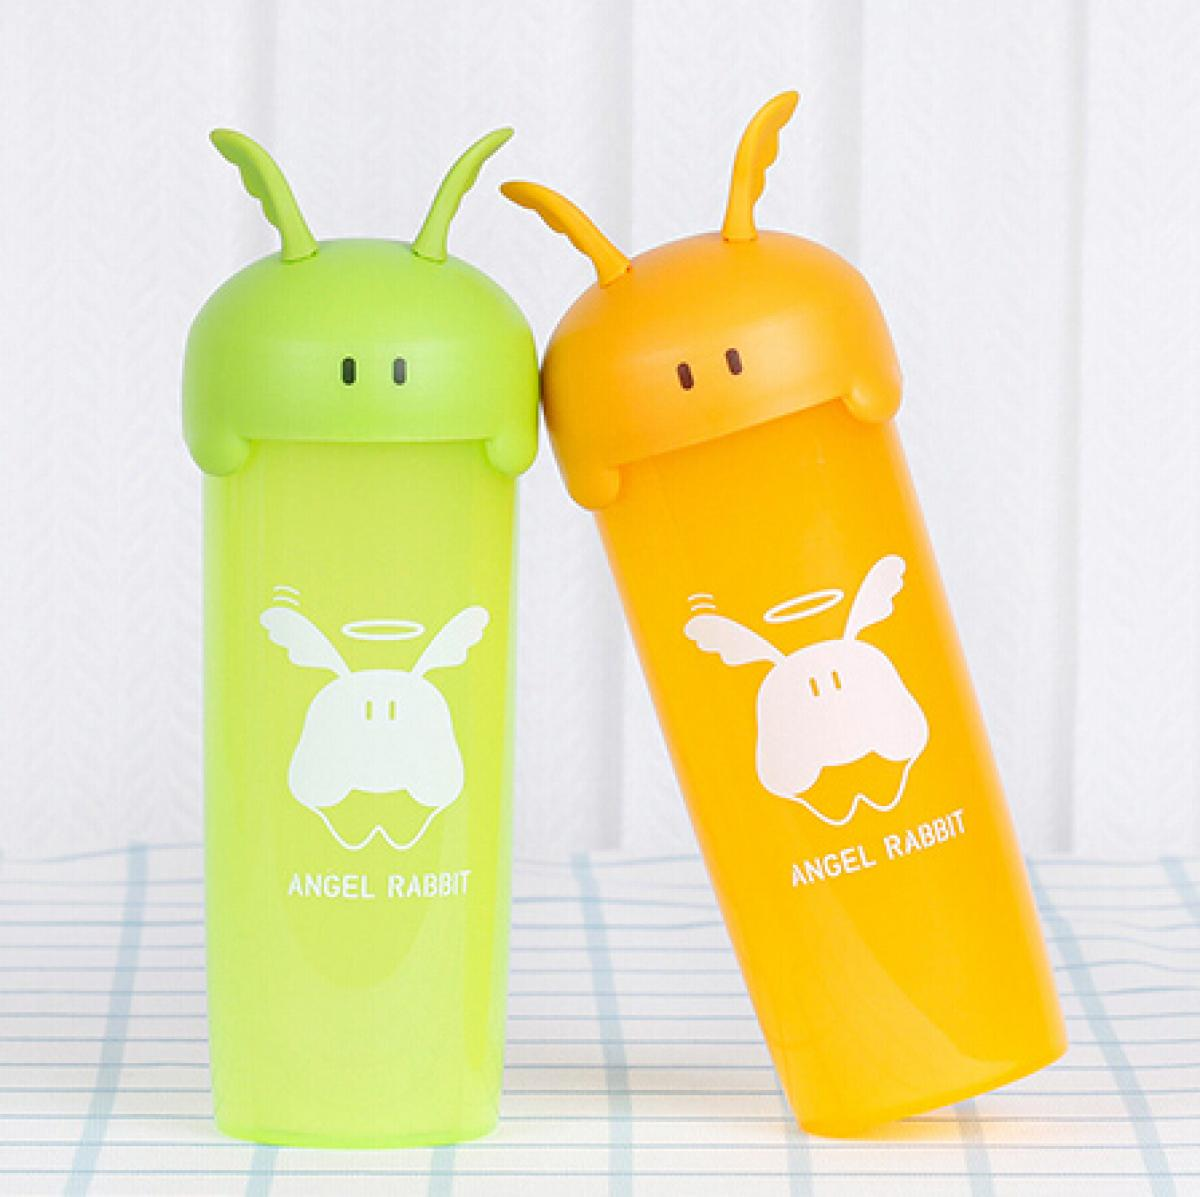 天使兔杯儿童节礼物